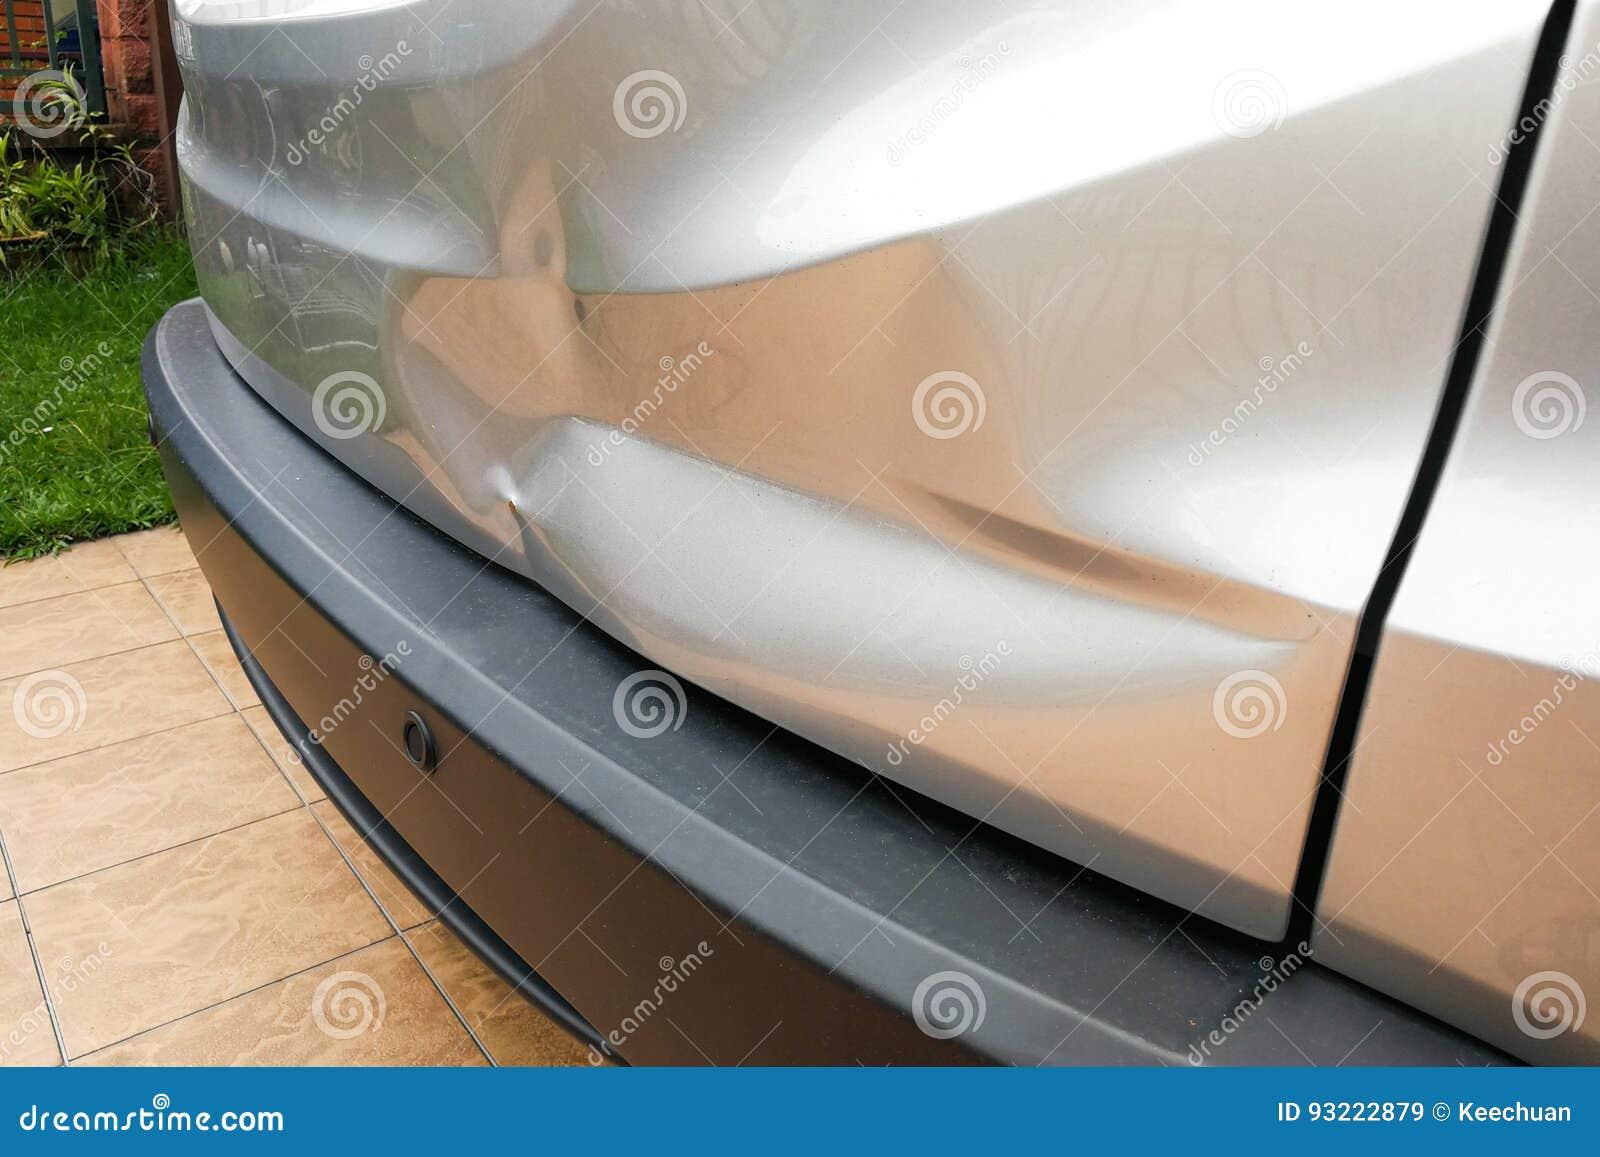 Geringe Einbuchtung an der hinteren Tür des Autos wegen des Unfalles